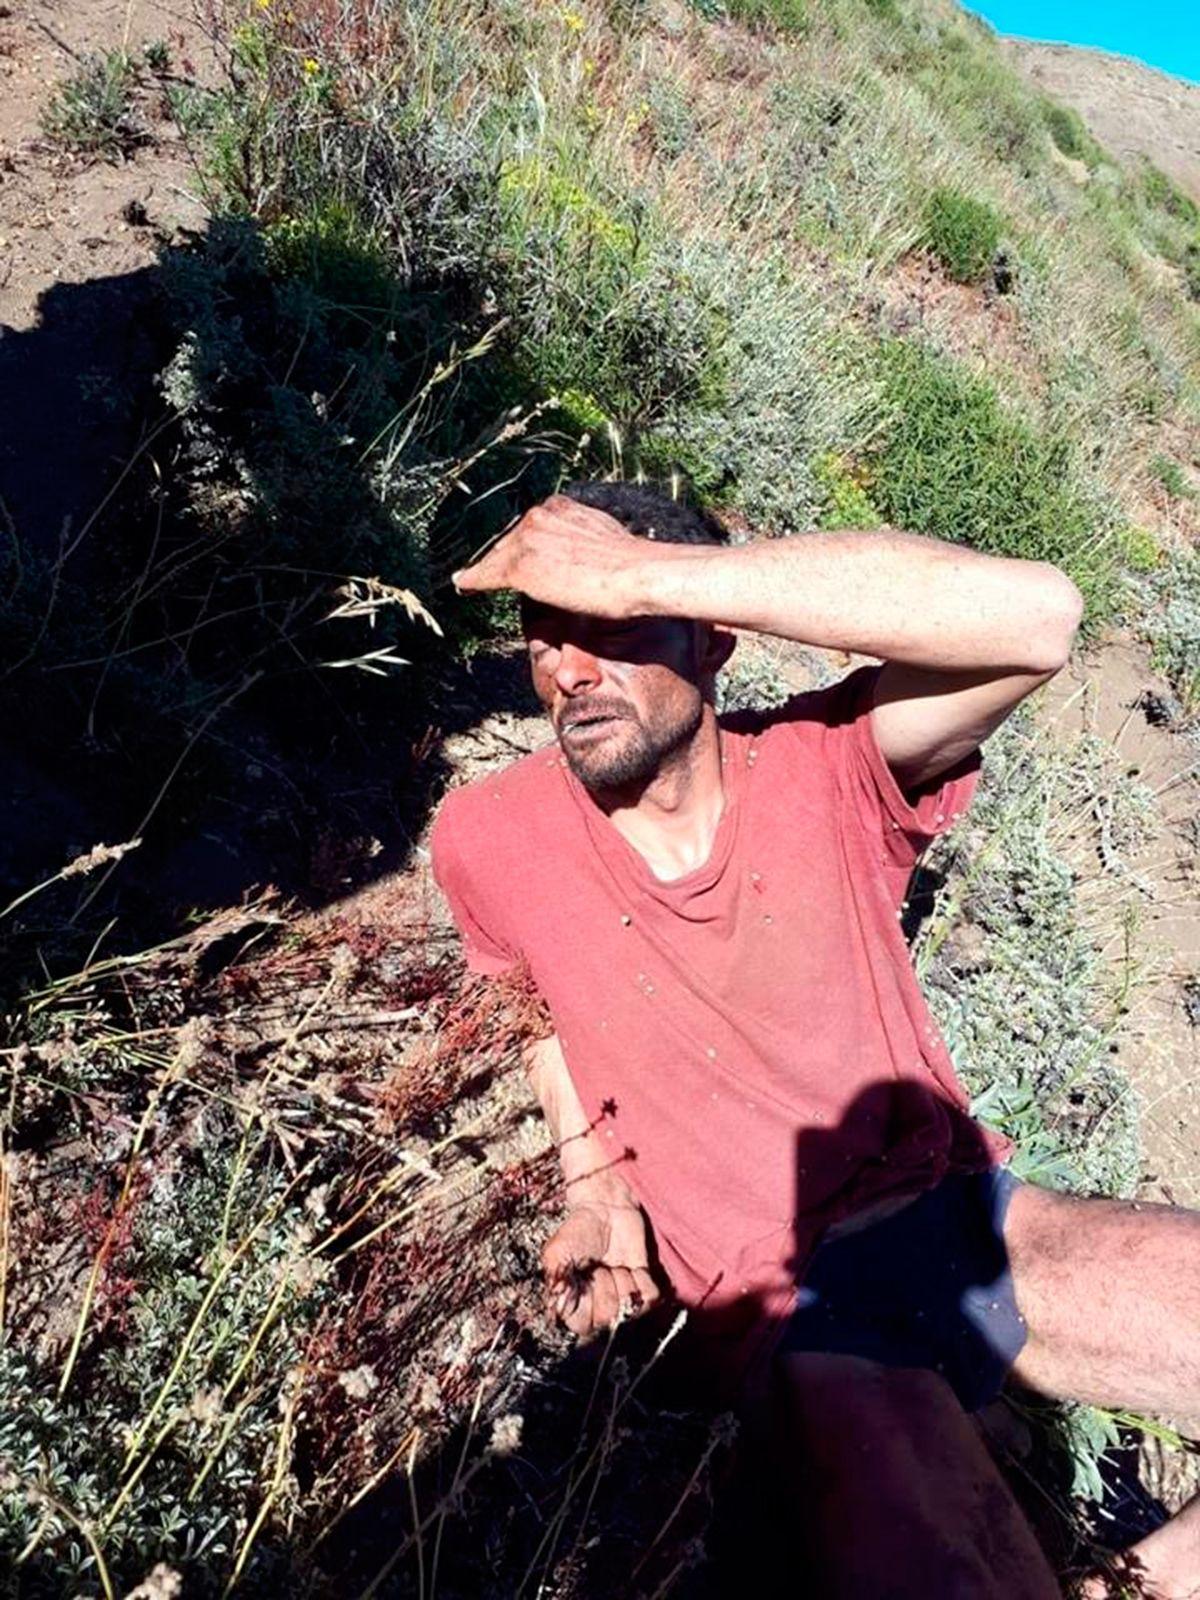 Femicidio en Bariloche: así encontraron a Mariano Cordi